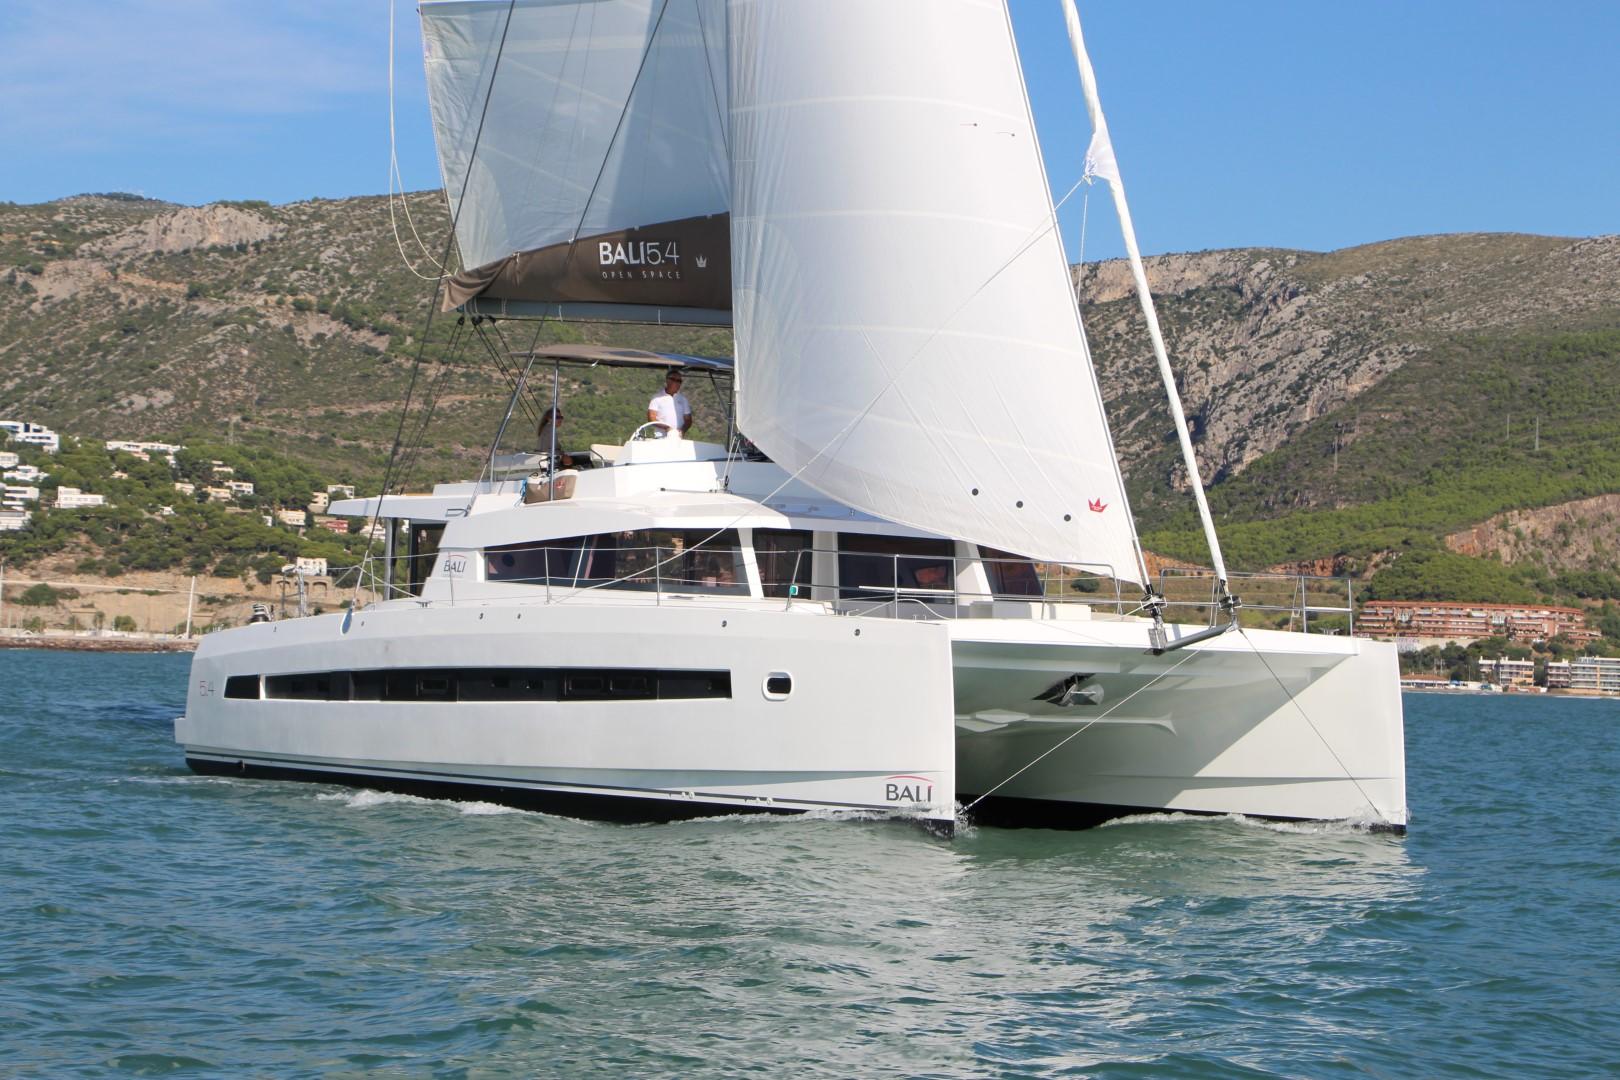 bali-5.4-catamaran-sailing-yacht-charter-boat-0